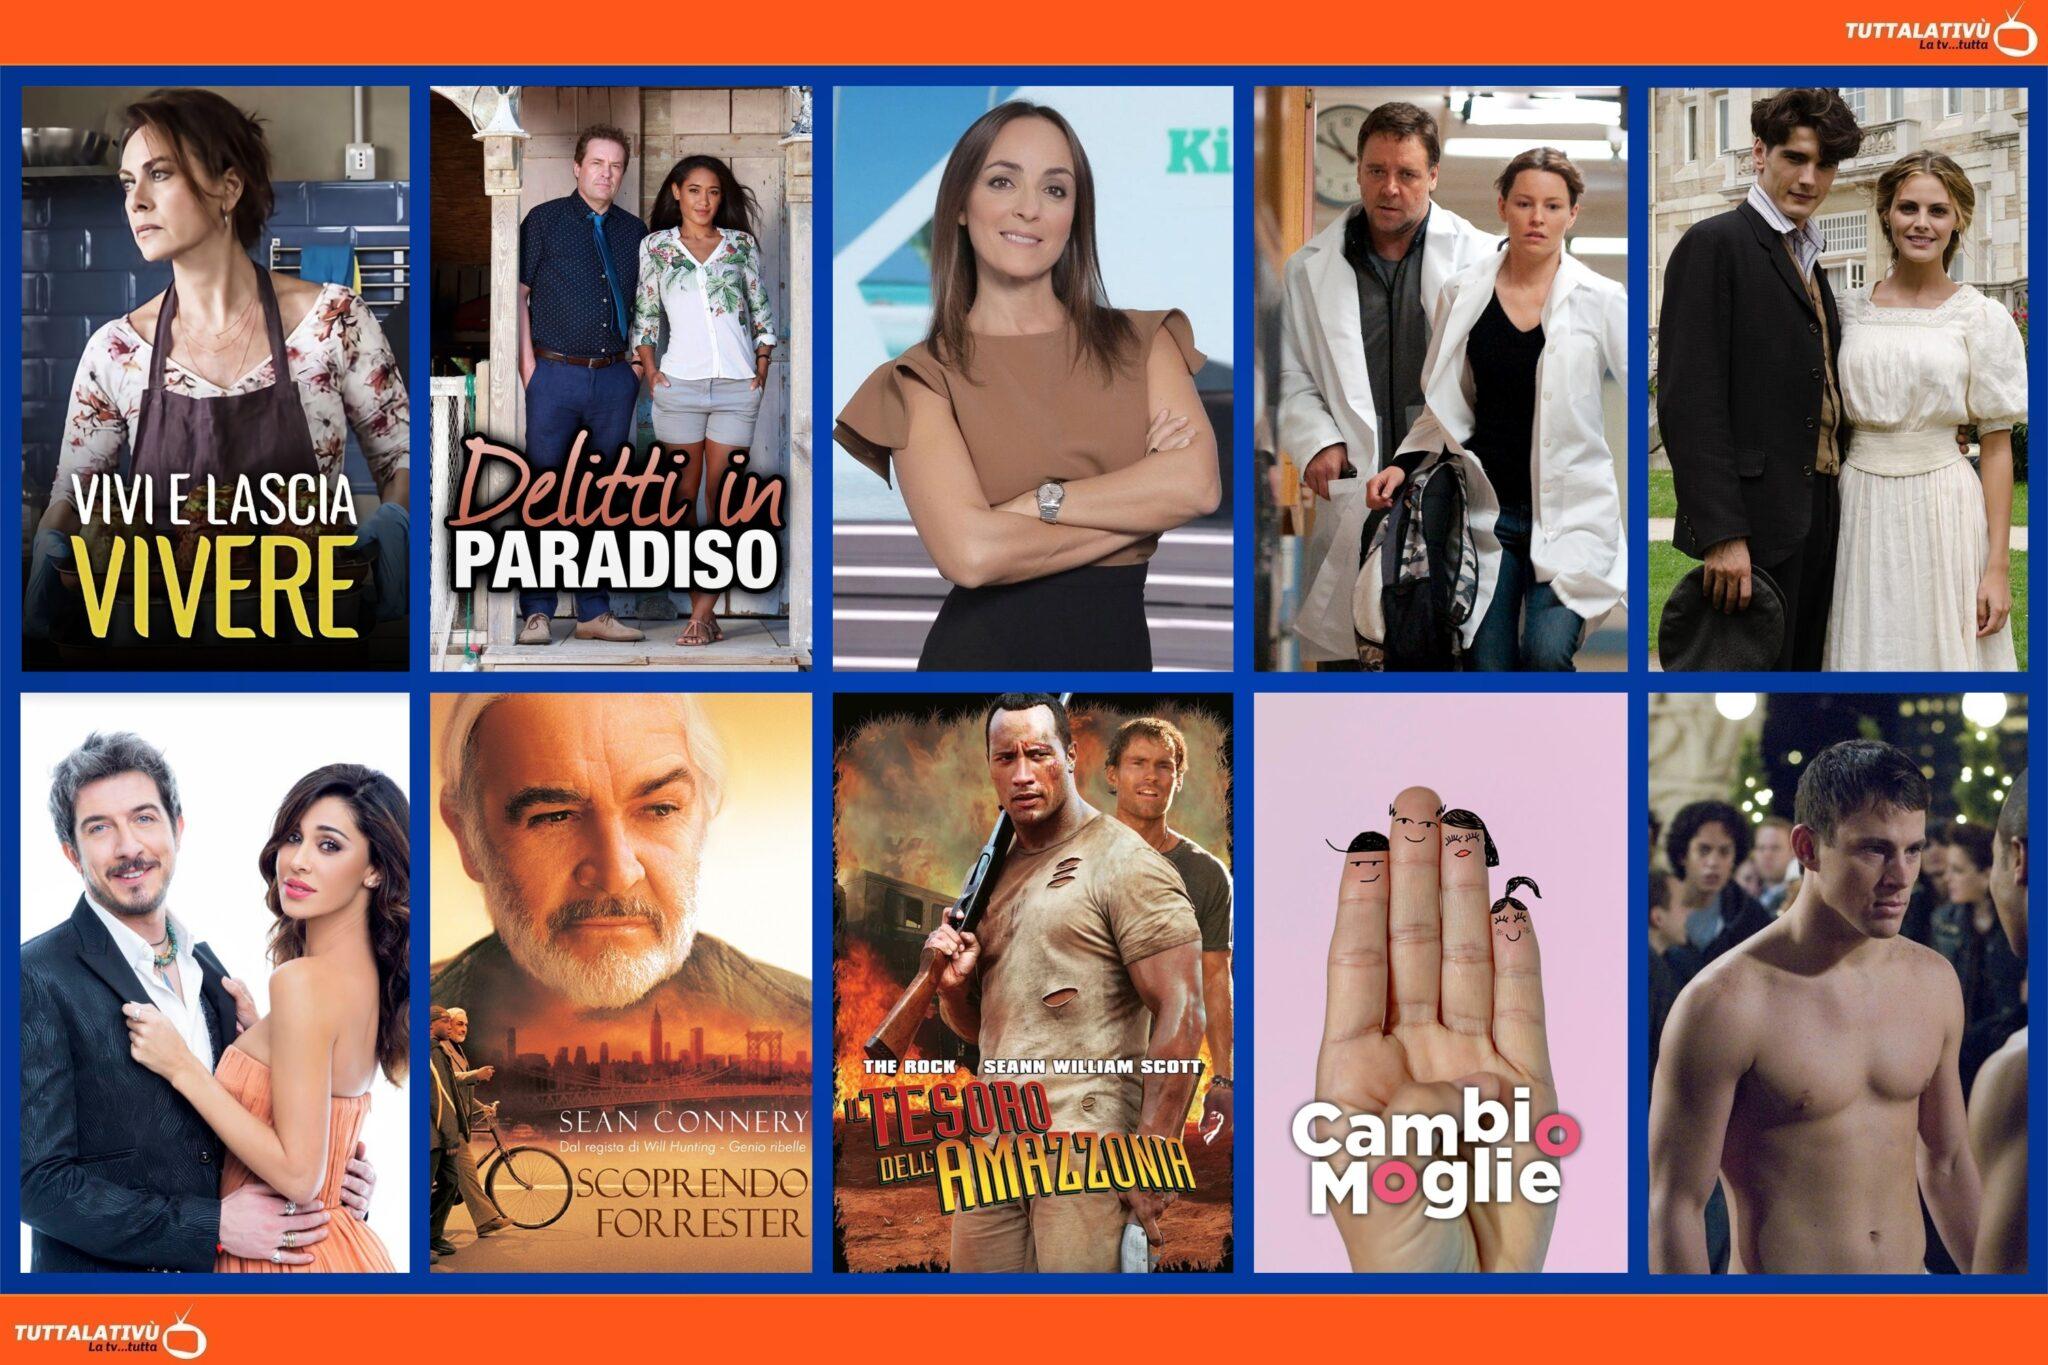 GuidaTV 18 Luglio 2021: Vivi e lascia vivere, tra Grand Hotel, Delitti in Paradiso, Kilimangiaro, Colorado,The Next Three Days e Fighting